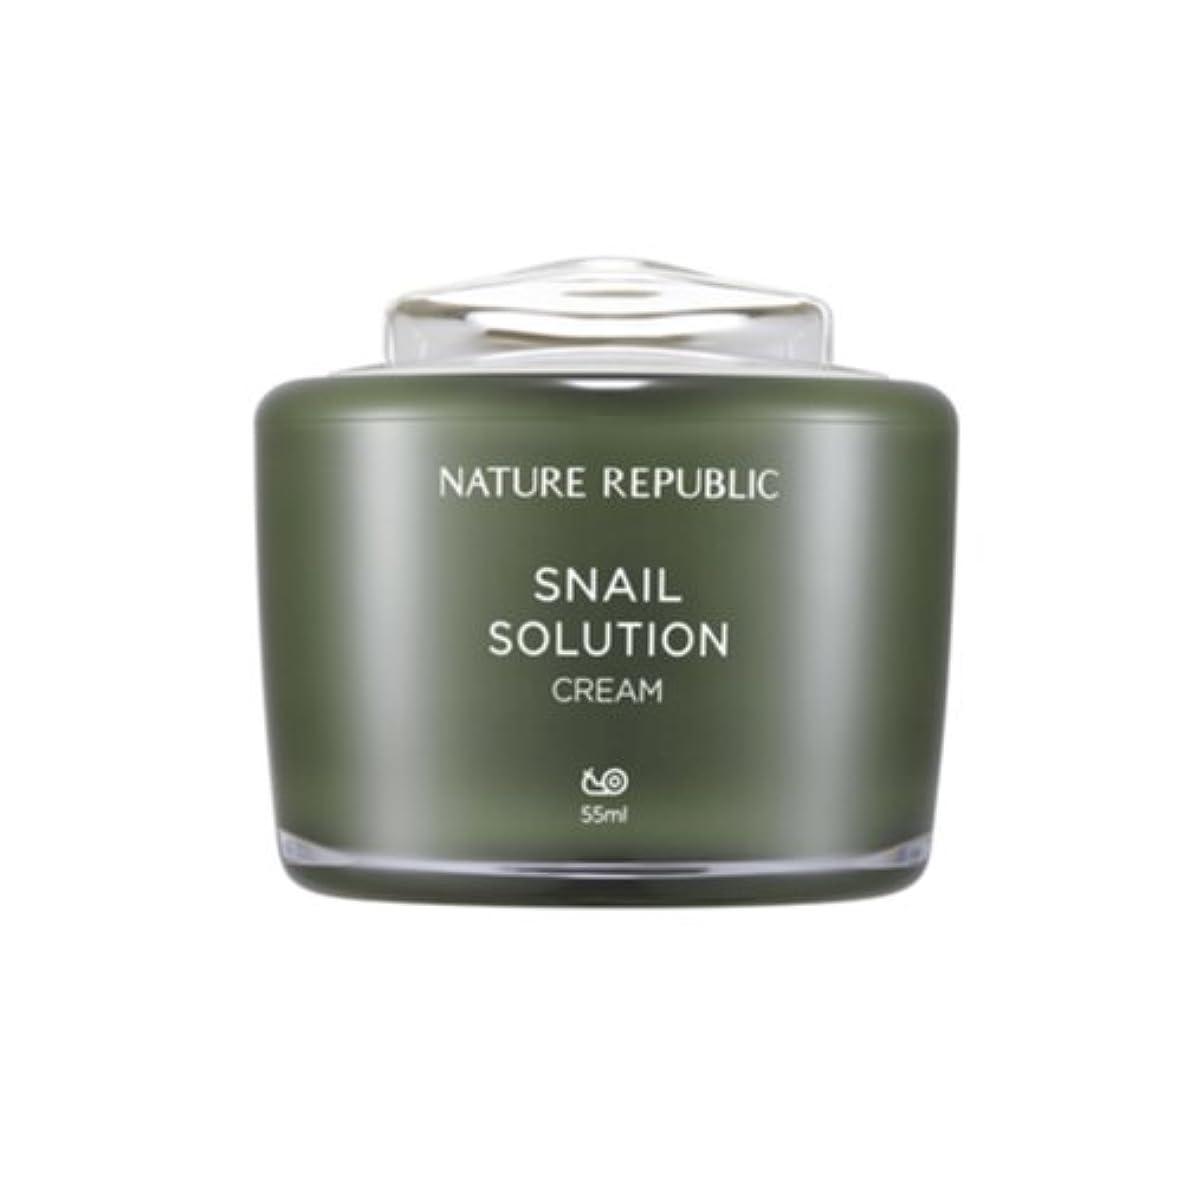 誤解する浪費冊子[ネイチャーリパブリック] Nature republicスネイルソリューションクリーム海外直送品(Snail Solution Cream) [並行輸入品]